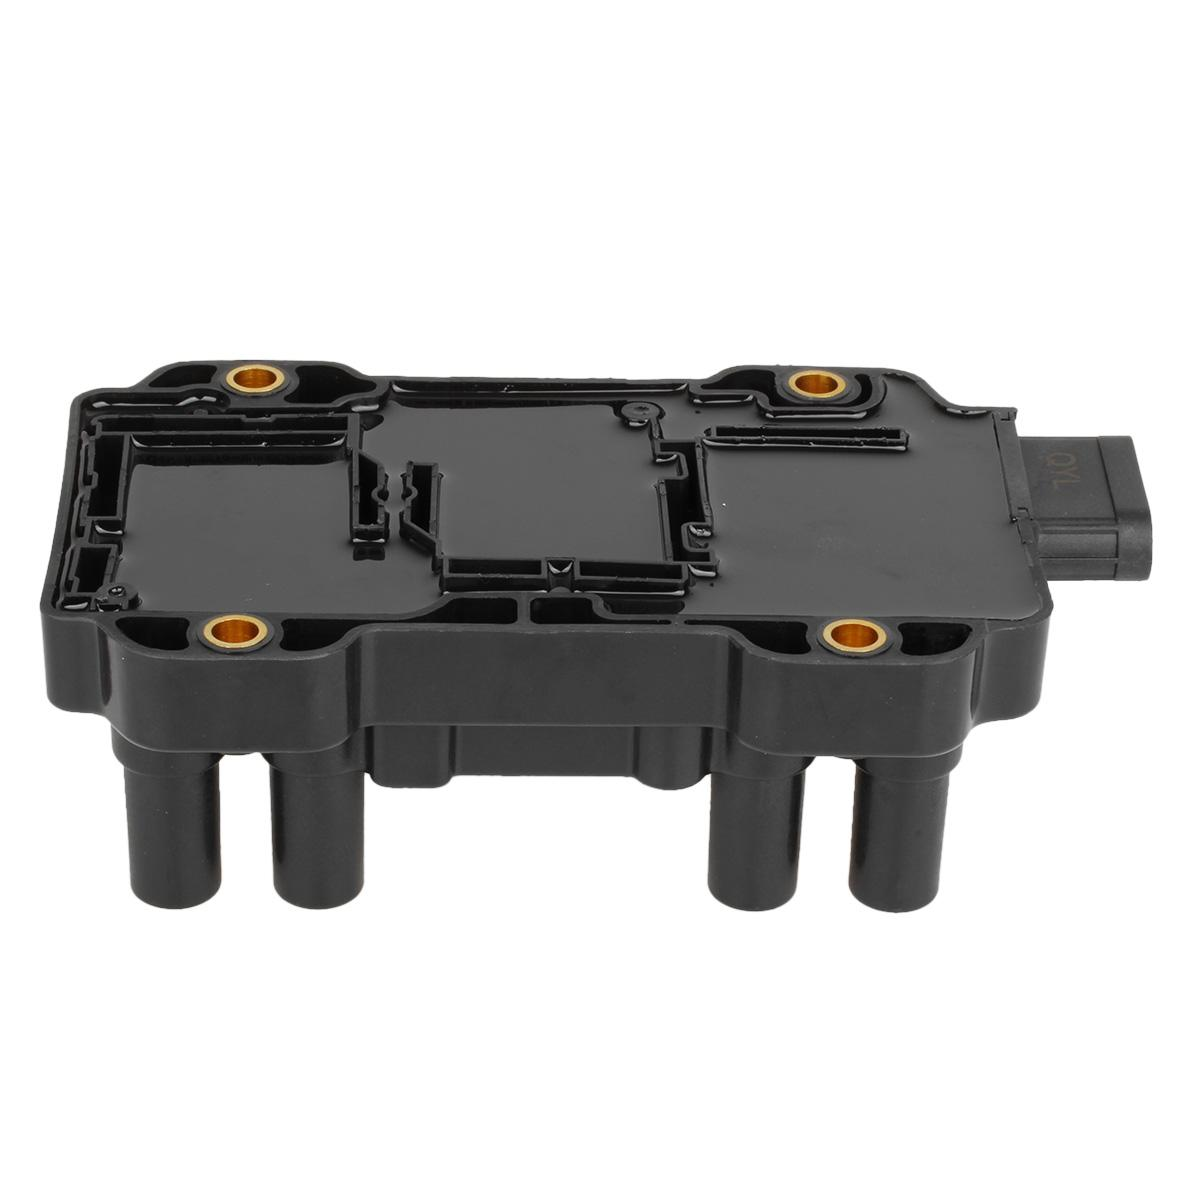 ignition coil pack for chevy gmc buick pontiac saturn v6 3 4l 3 5l 3 9l 4 3l ebay. Black Bedroom Furniture Sets. Home Design Ideas